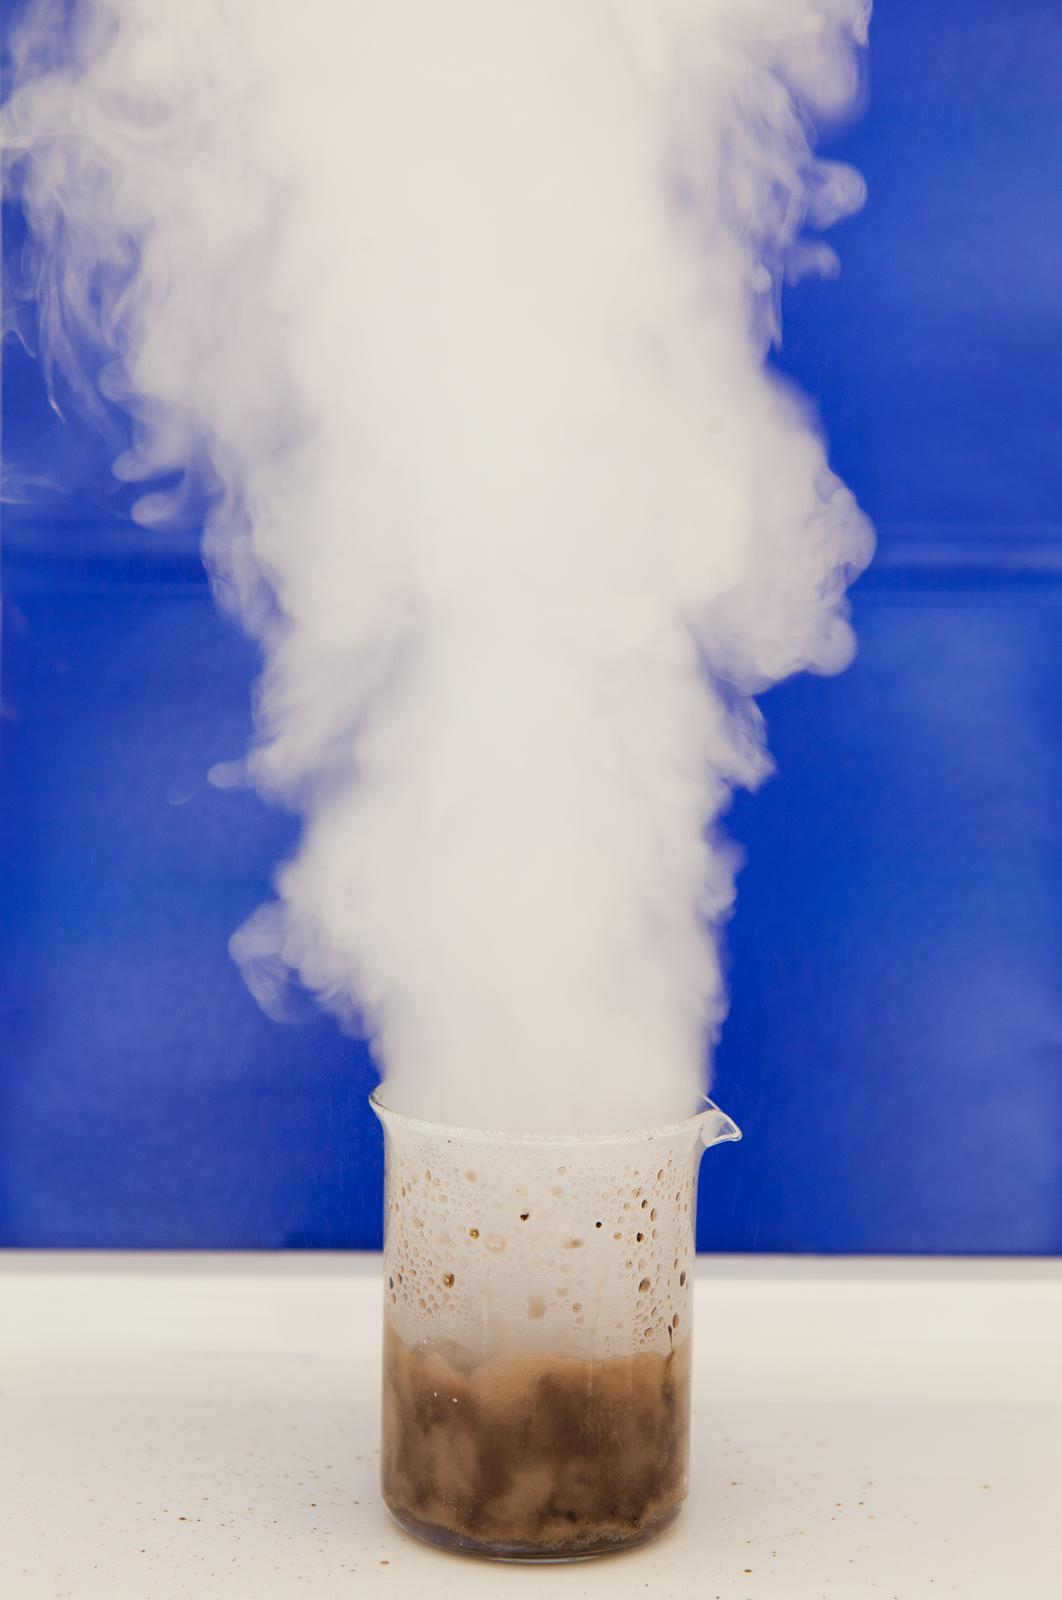 Zdjęcie przedstawia reakcję chemiczną perhydrolu zmanganianem siedem potasu. Stojąca na białym blacie zlewka pełna jest brązowobeżowej kipiącej substancji, zktórej unosi się słup gęstego, białego dymu. Na ściankach naczynia idookoła niego na blacie są też brązowe ślady kropel, dowód na to, że podczas reakcji dochodziło do silnych rozprysków.